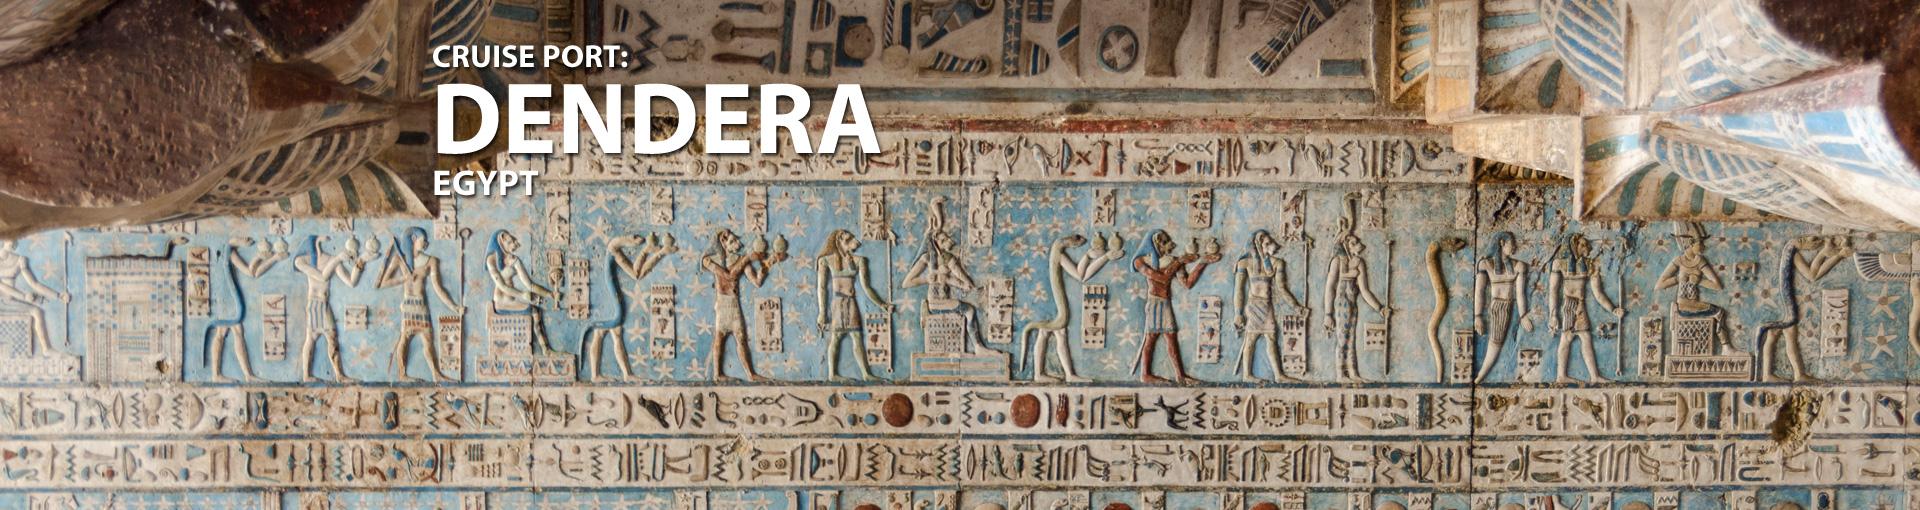 Cruises to Dendera, Egypt